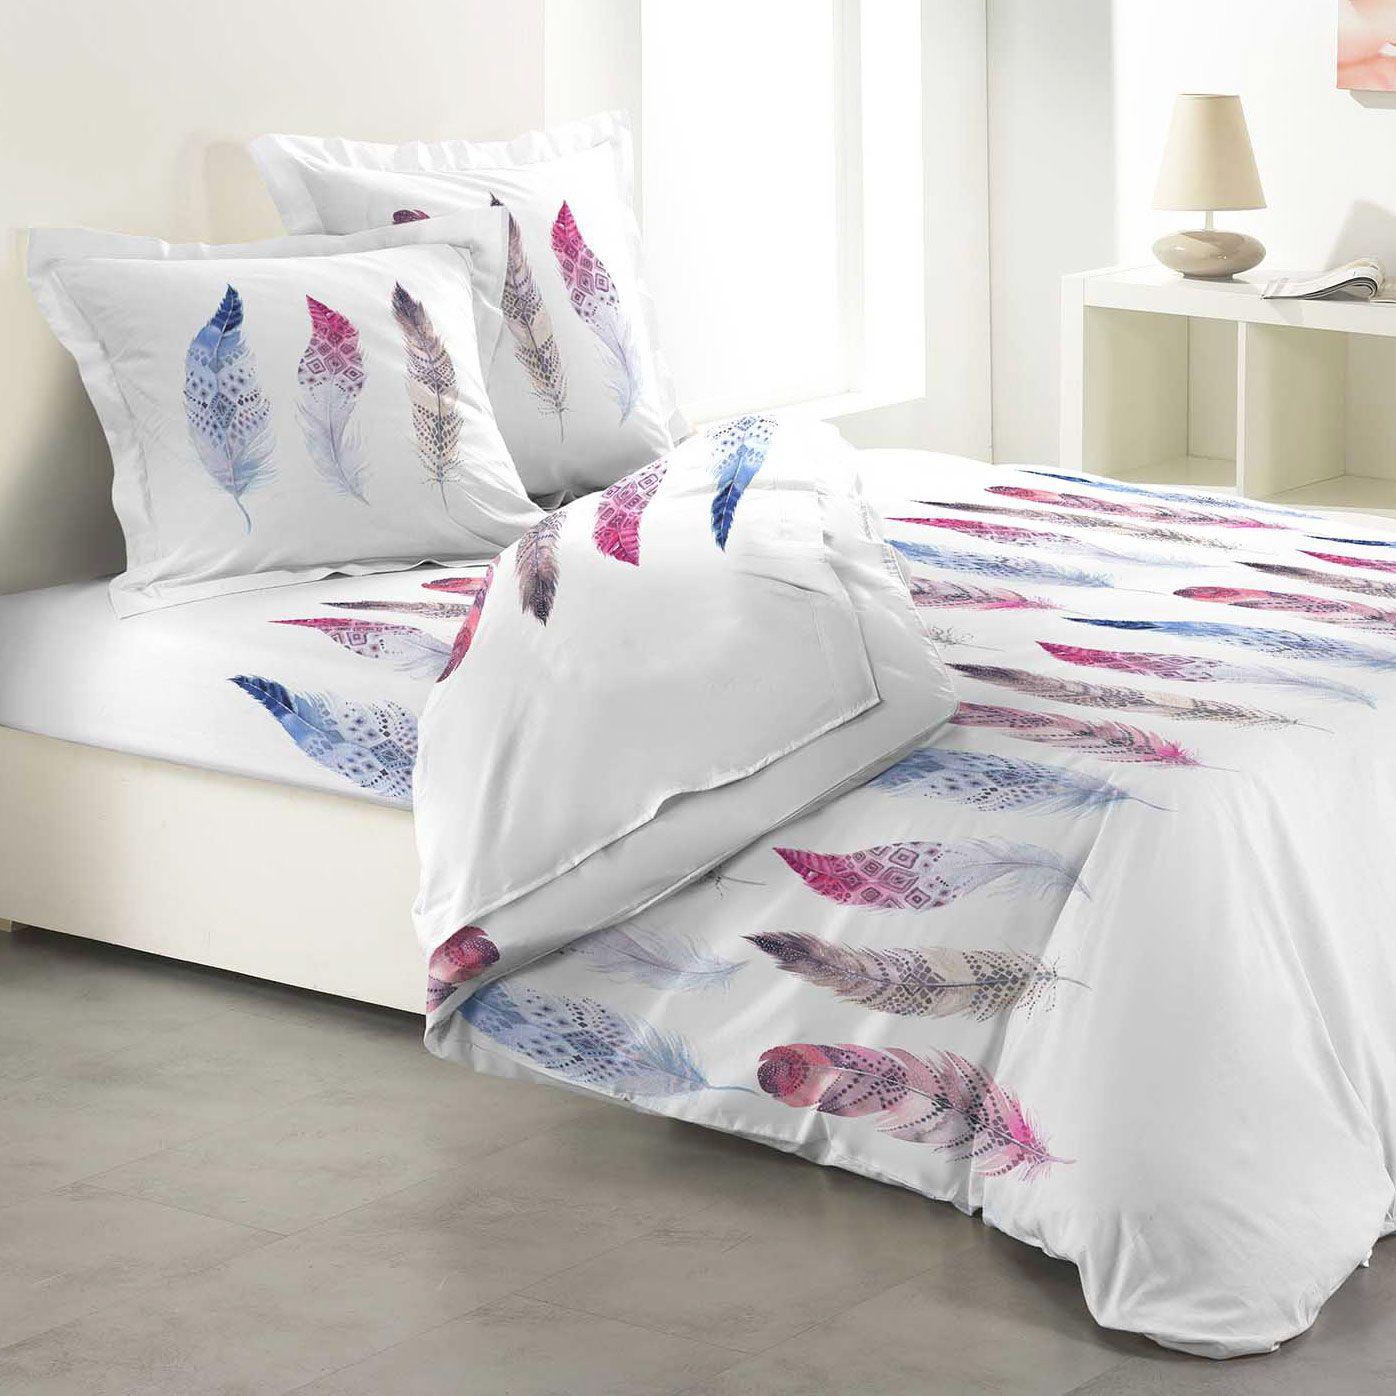 parure de draps 4 pi ces 100 flanelle dakota blanc parure de draps eminza. Black Bedroom Furniture Sets. Home Design Ideas